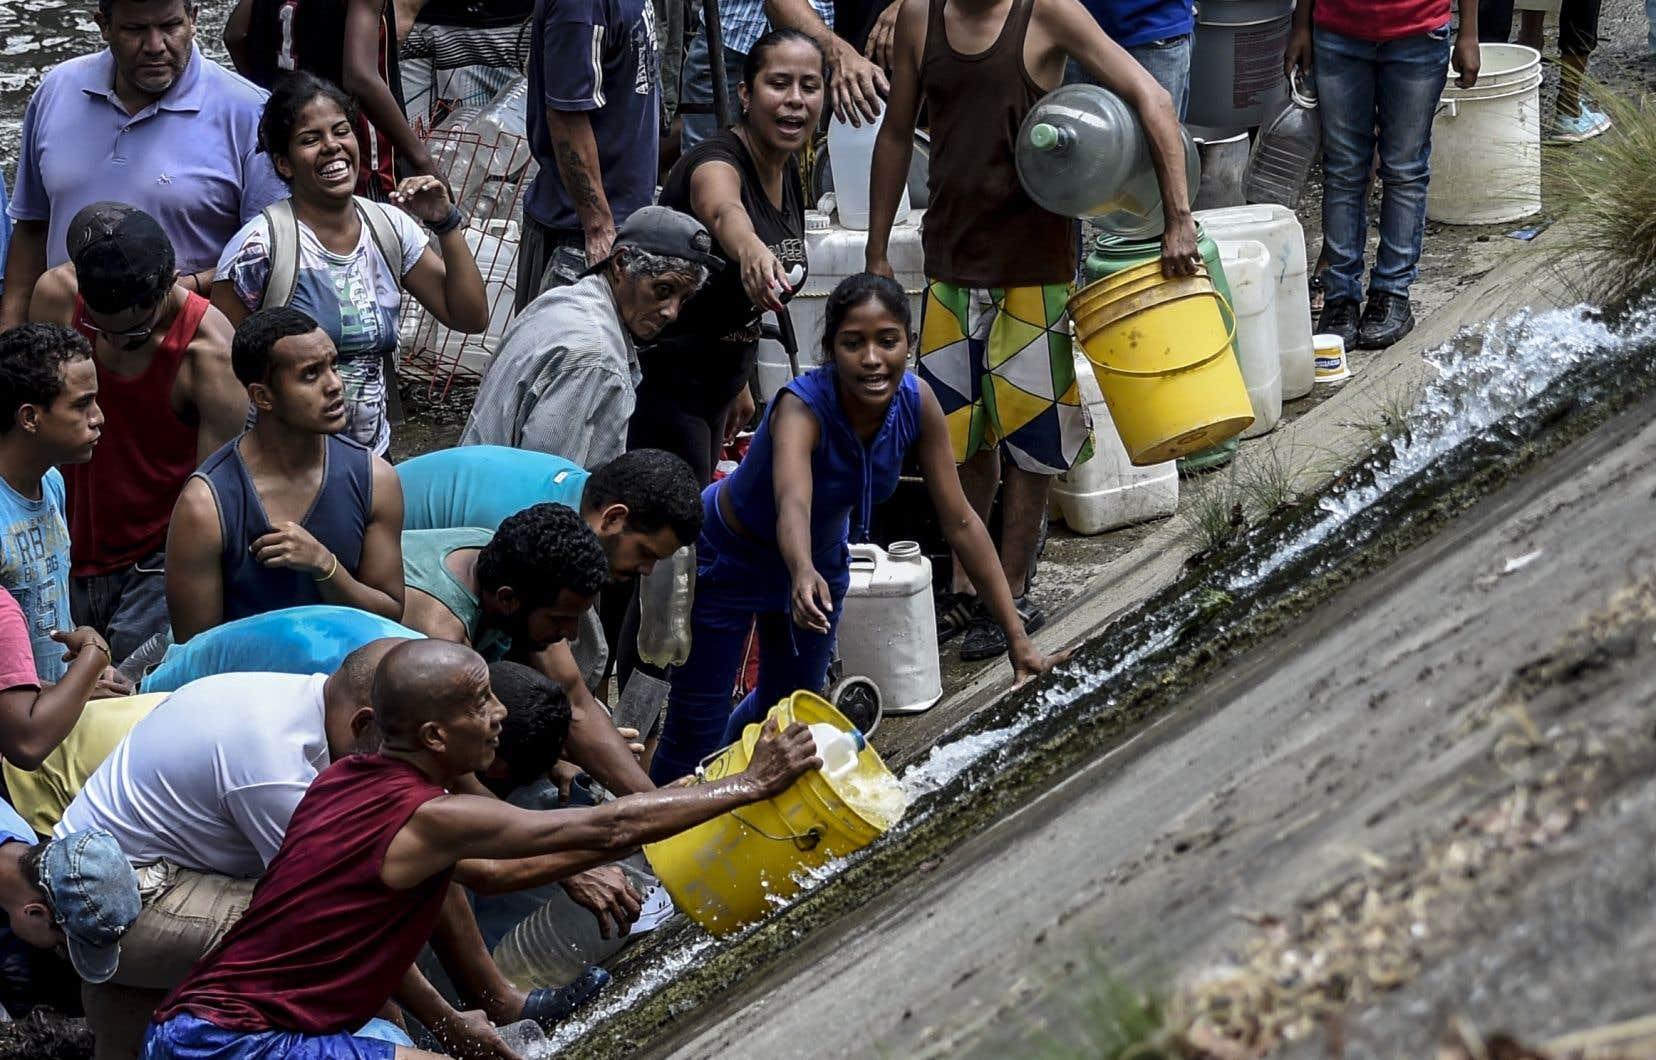 Au Venezuela, l'eau et la nourriture commencent à manquer alors que la population fait face à la pire crise énergétique de l'histoire du pays.